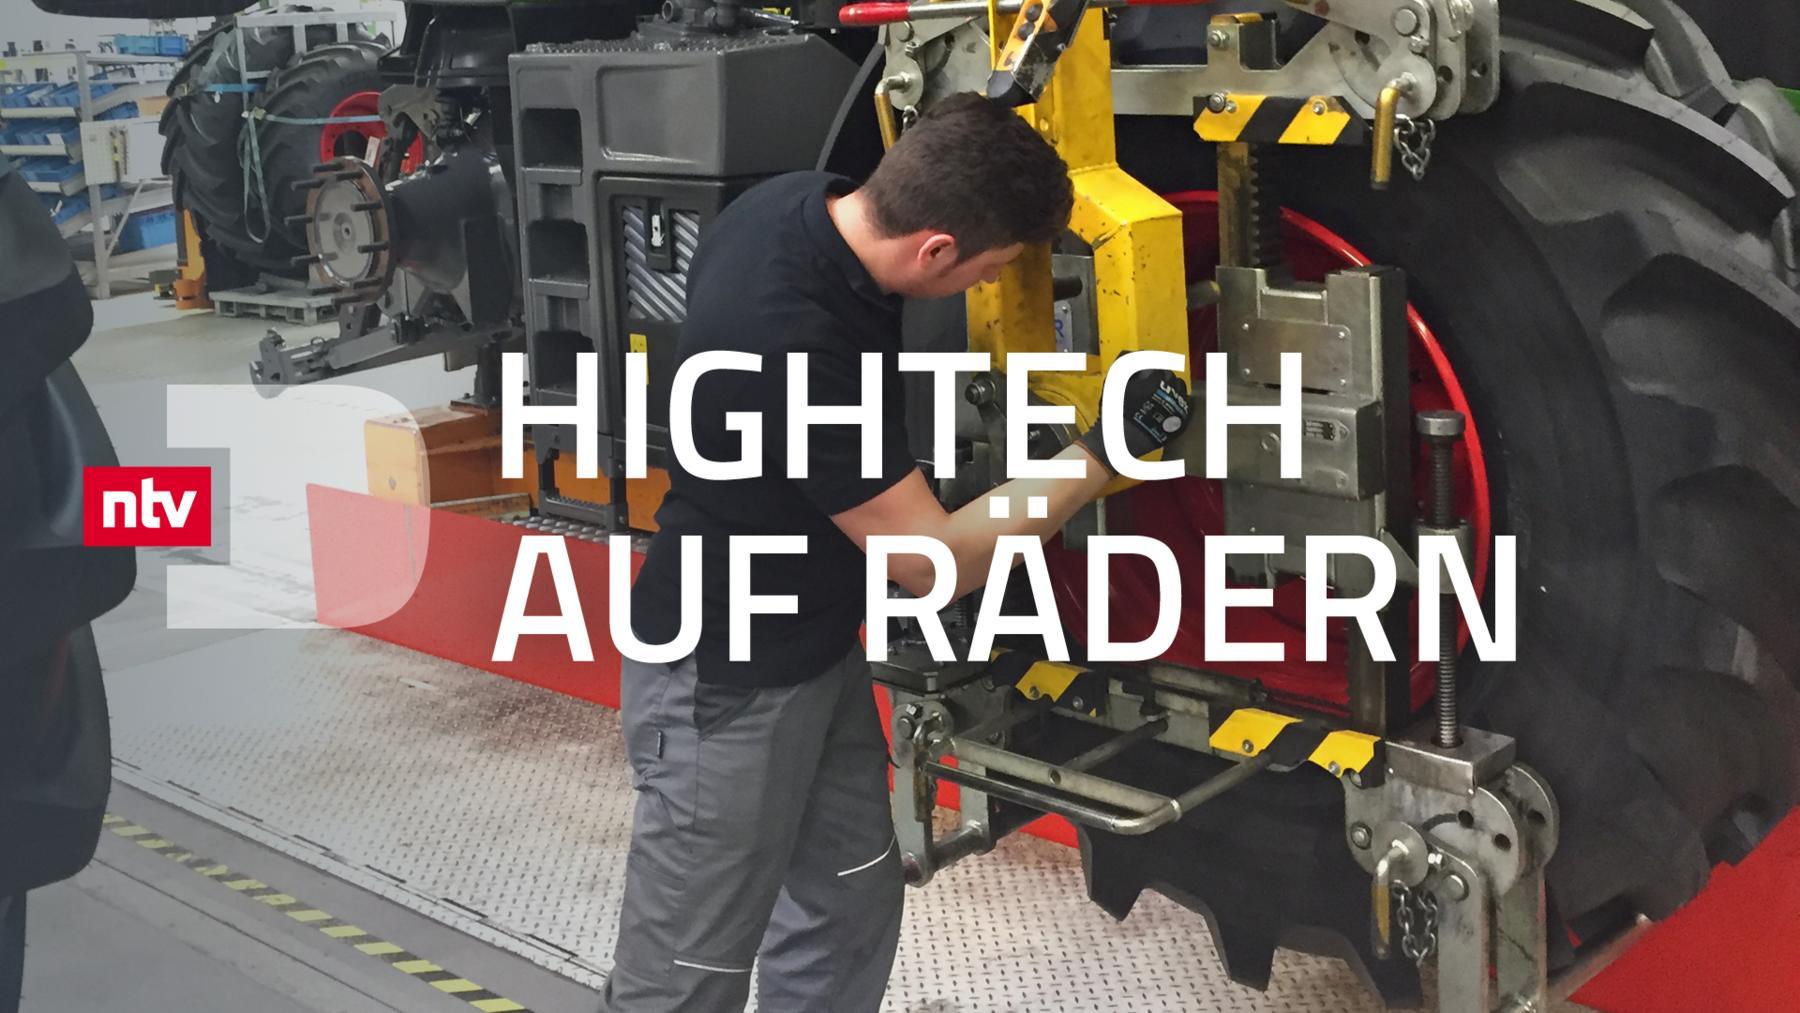 Hightech auf Rädern